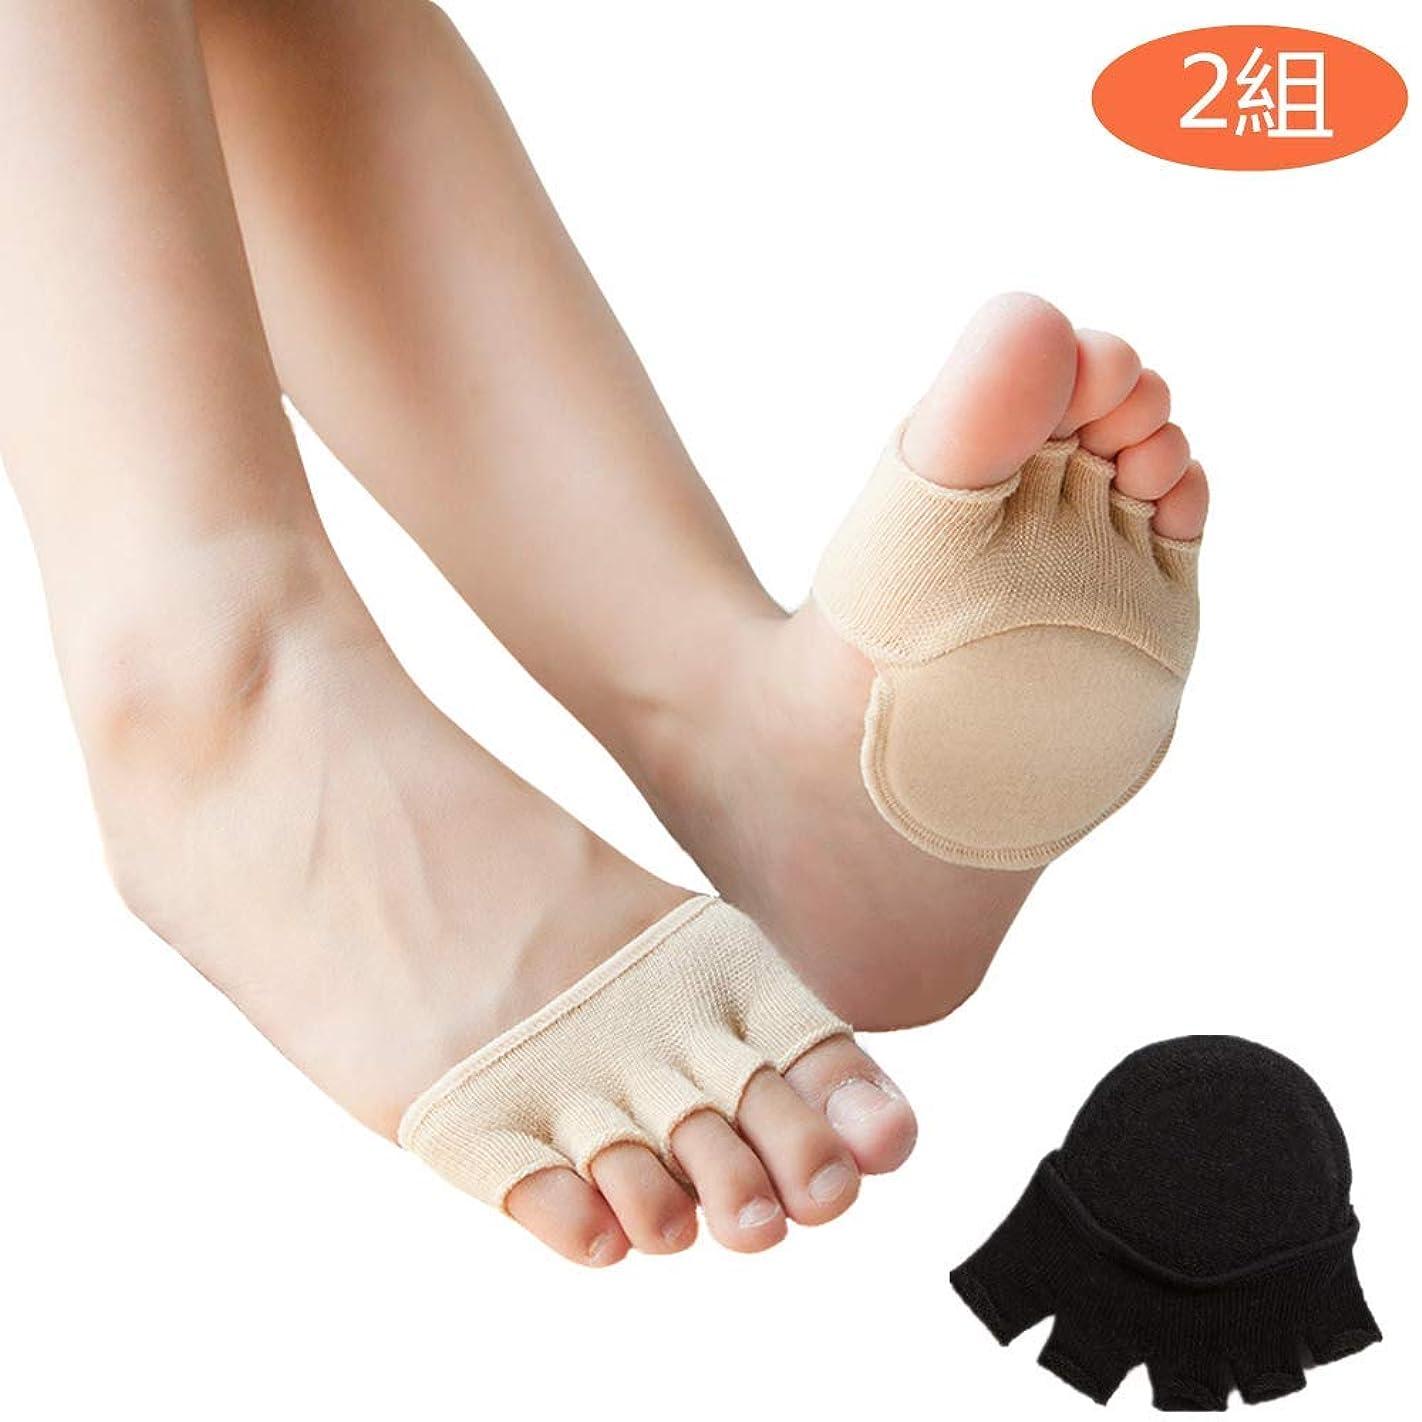 復活させるバタフライ疑わしいつま先 5本指 足底クッション付き 前足サポーター 足の臭い対策 フットカバー ヨガ用靴下 浅い靴下半分つま先 夏 超薄型 (2組)